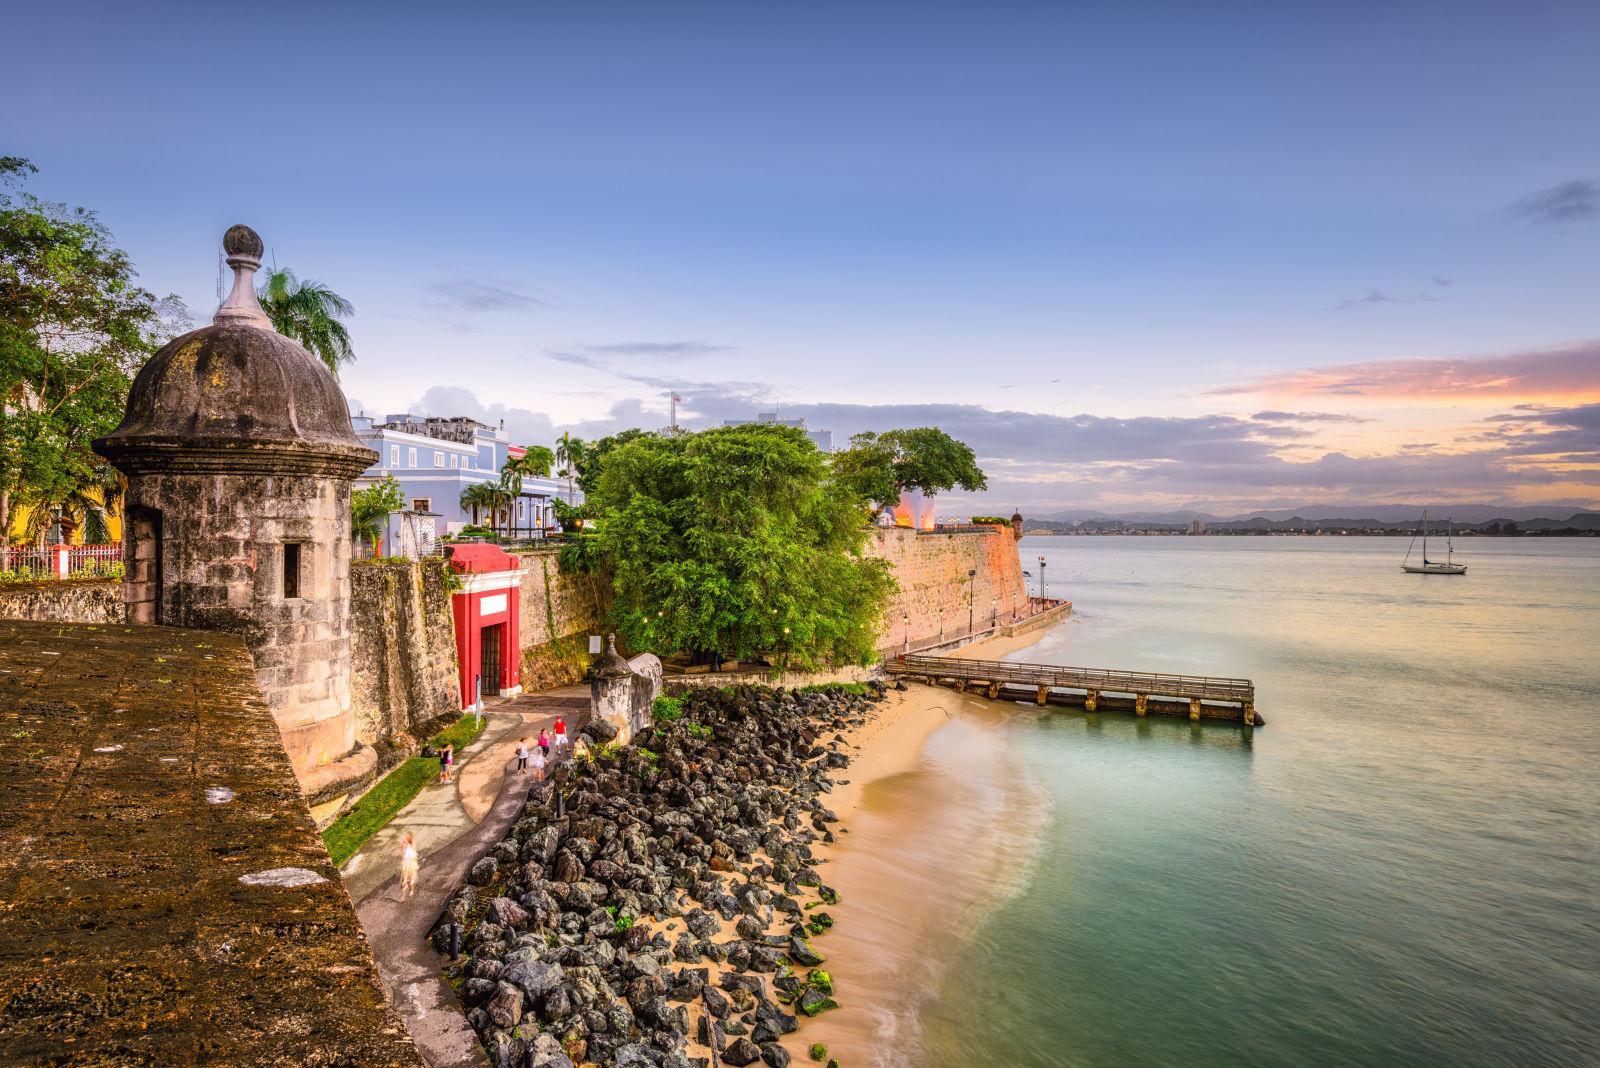 North America, Puerto Rico, San Juan